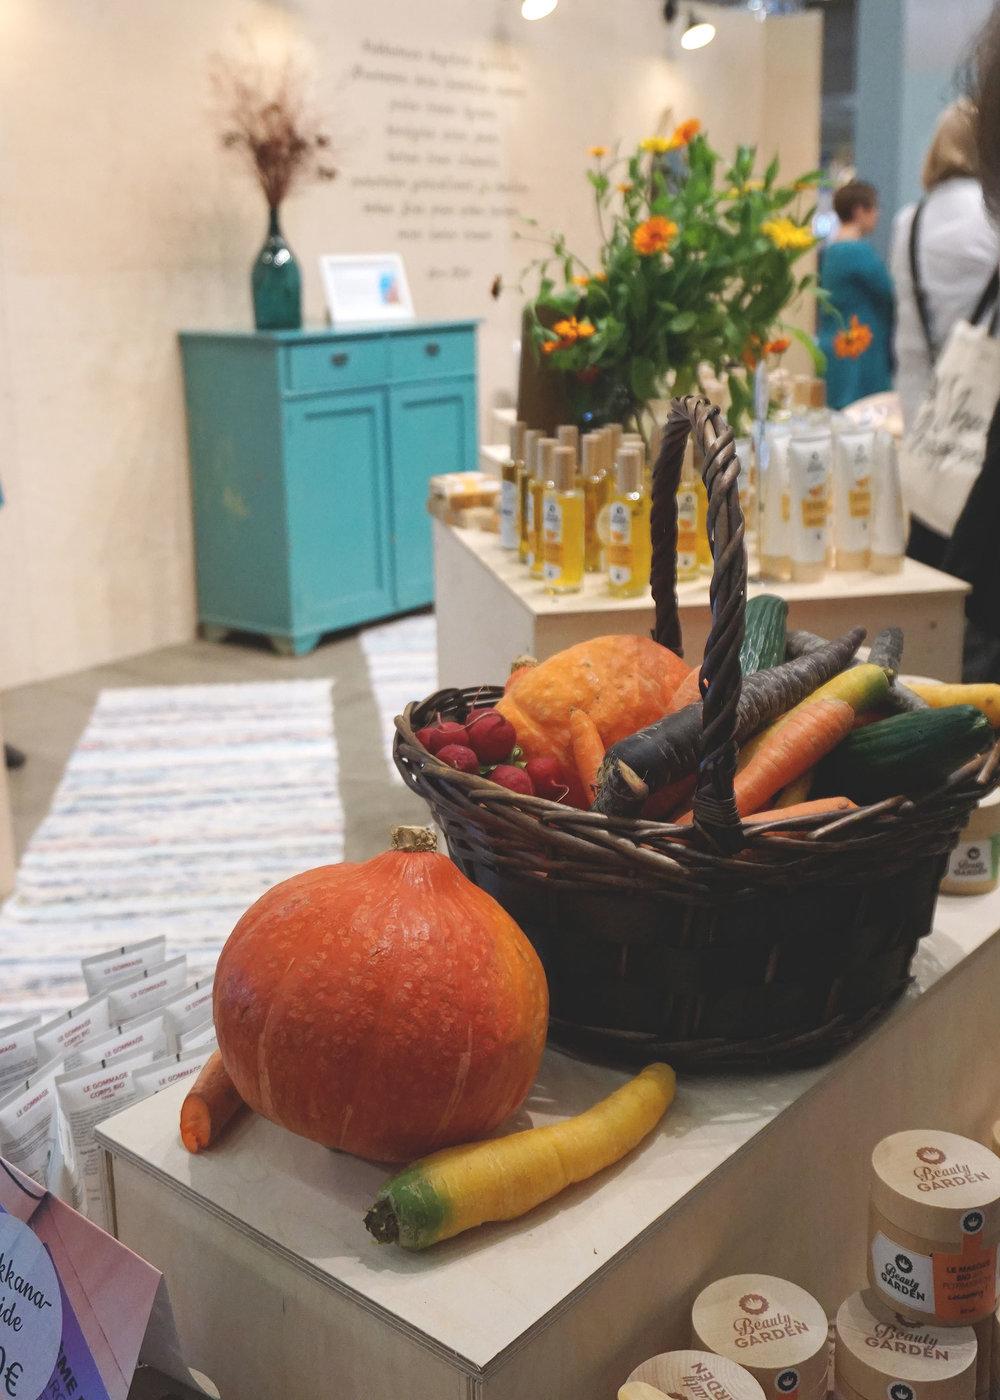 ek-iloveme-tuotteita-porkkanoita.jpg